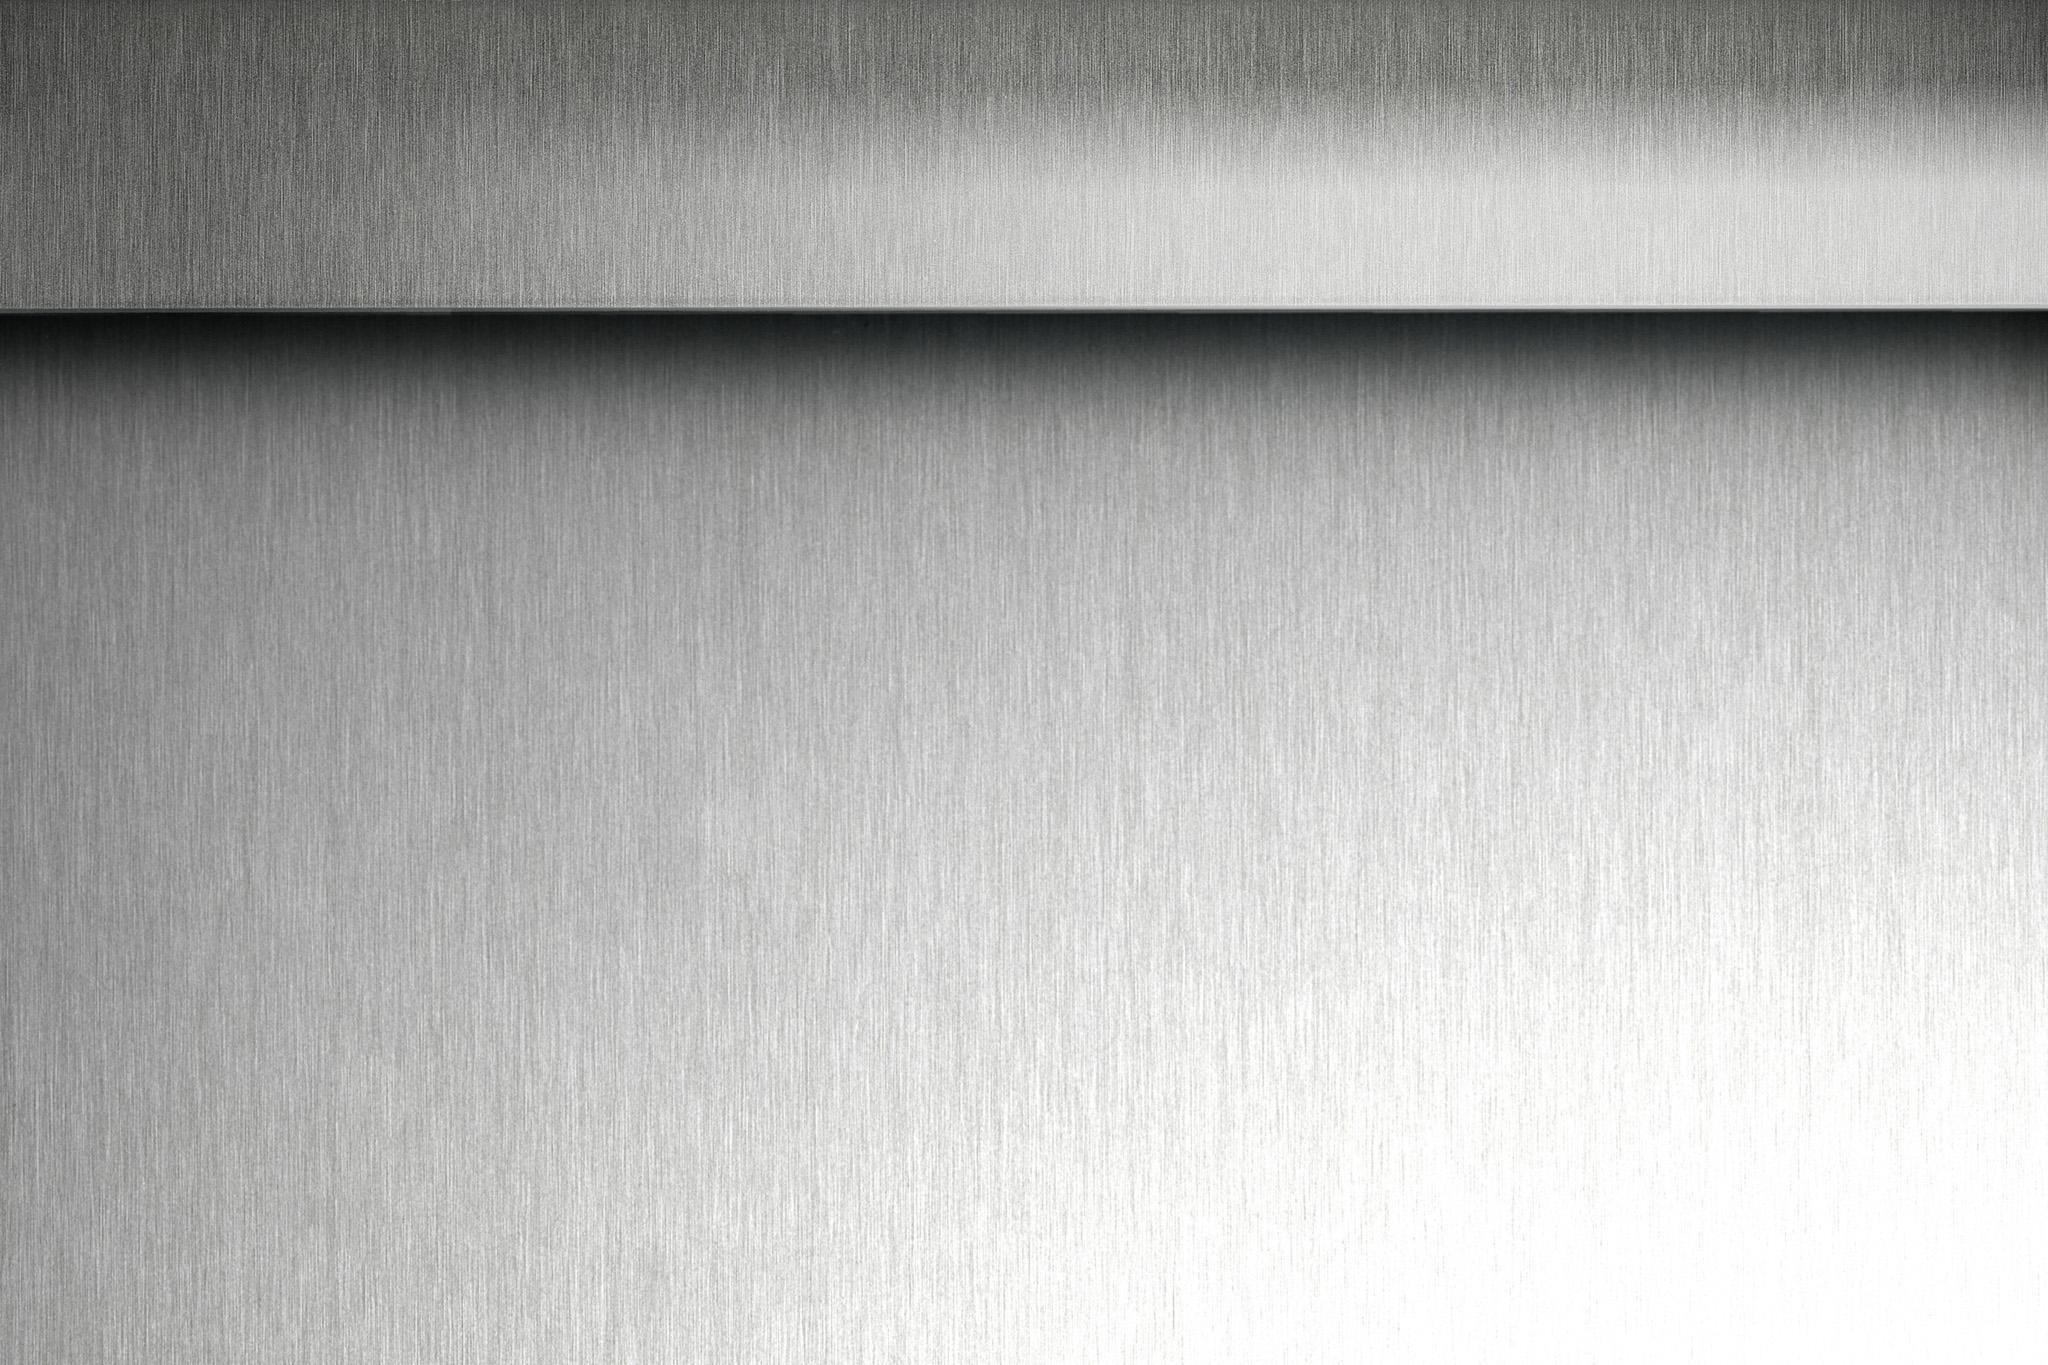 「ハードなエッジの金属画像」